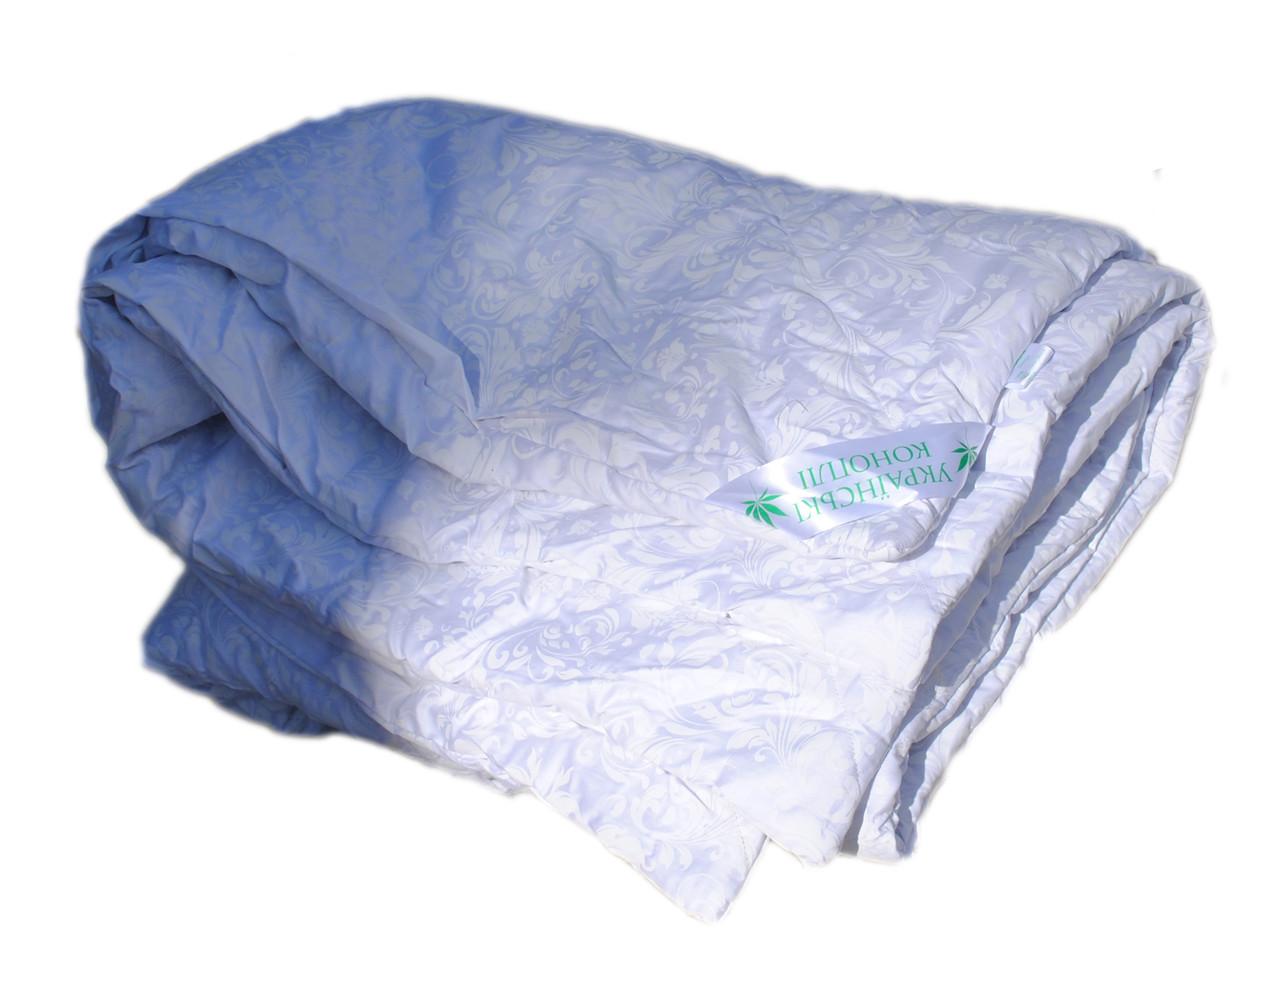 Одеяло с конопляным наполнителем KonopliUA 4 сезона 172х205 см Белый (1-0103)